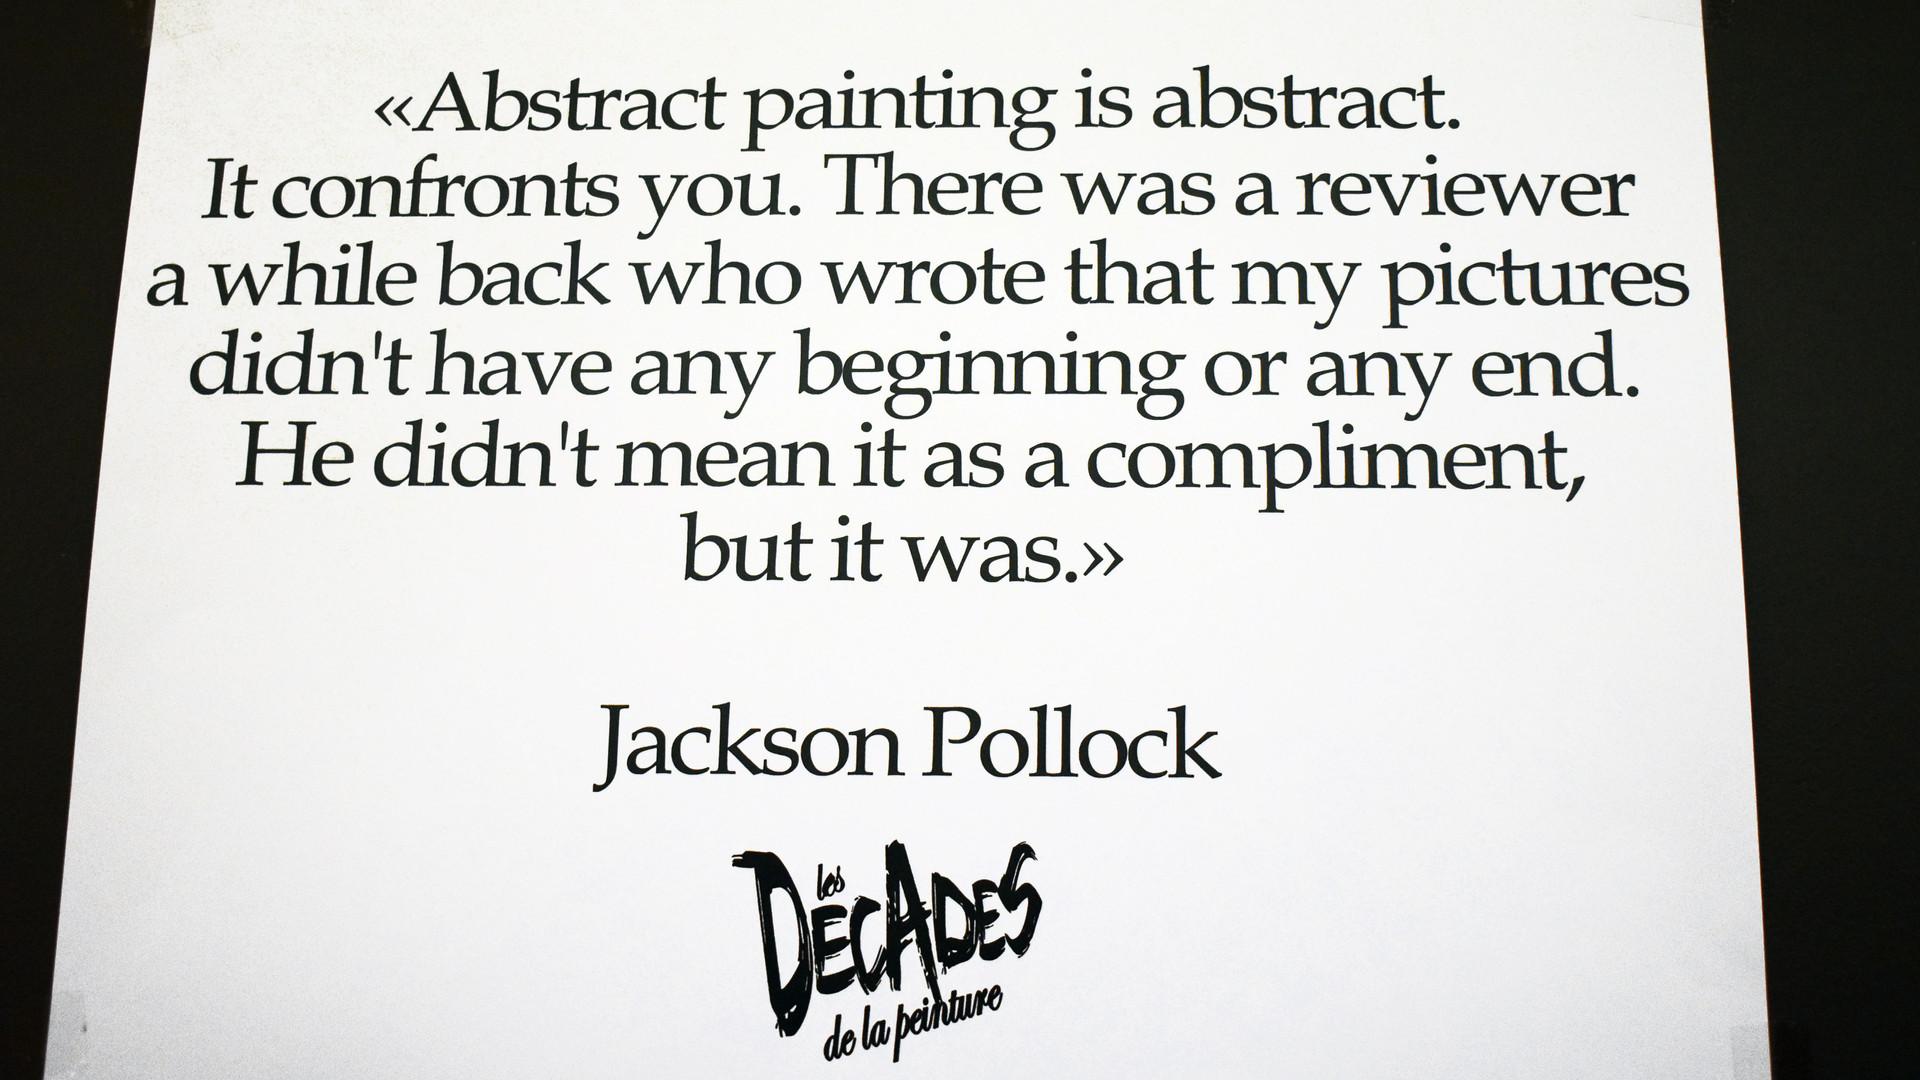 Les Décades de la peinture 2019